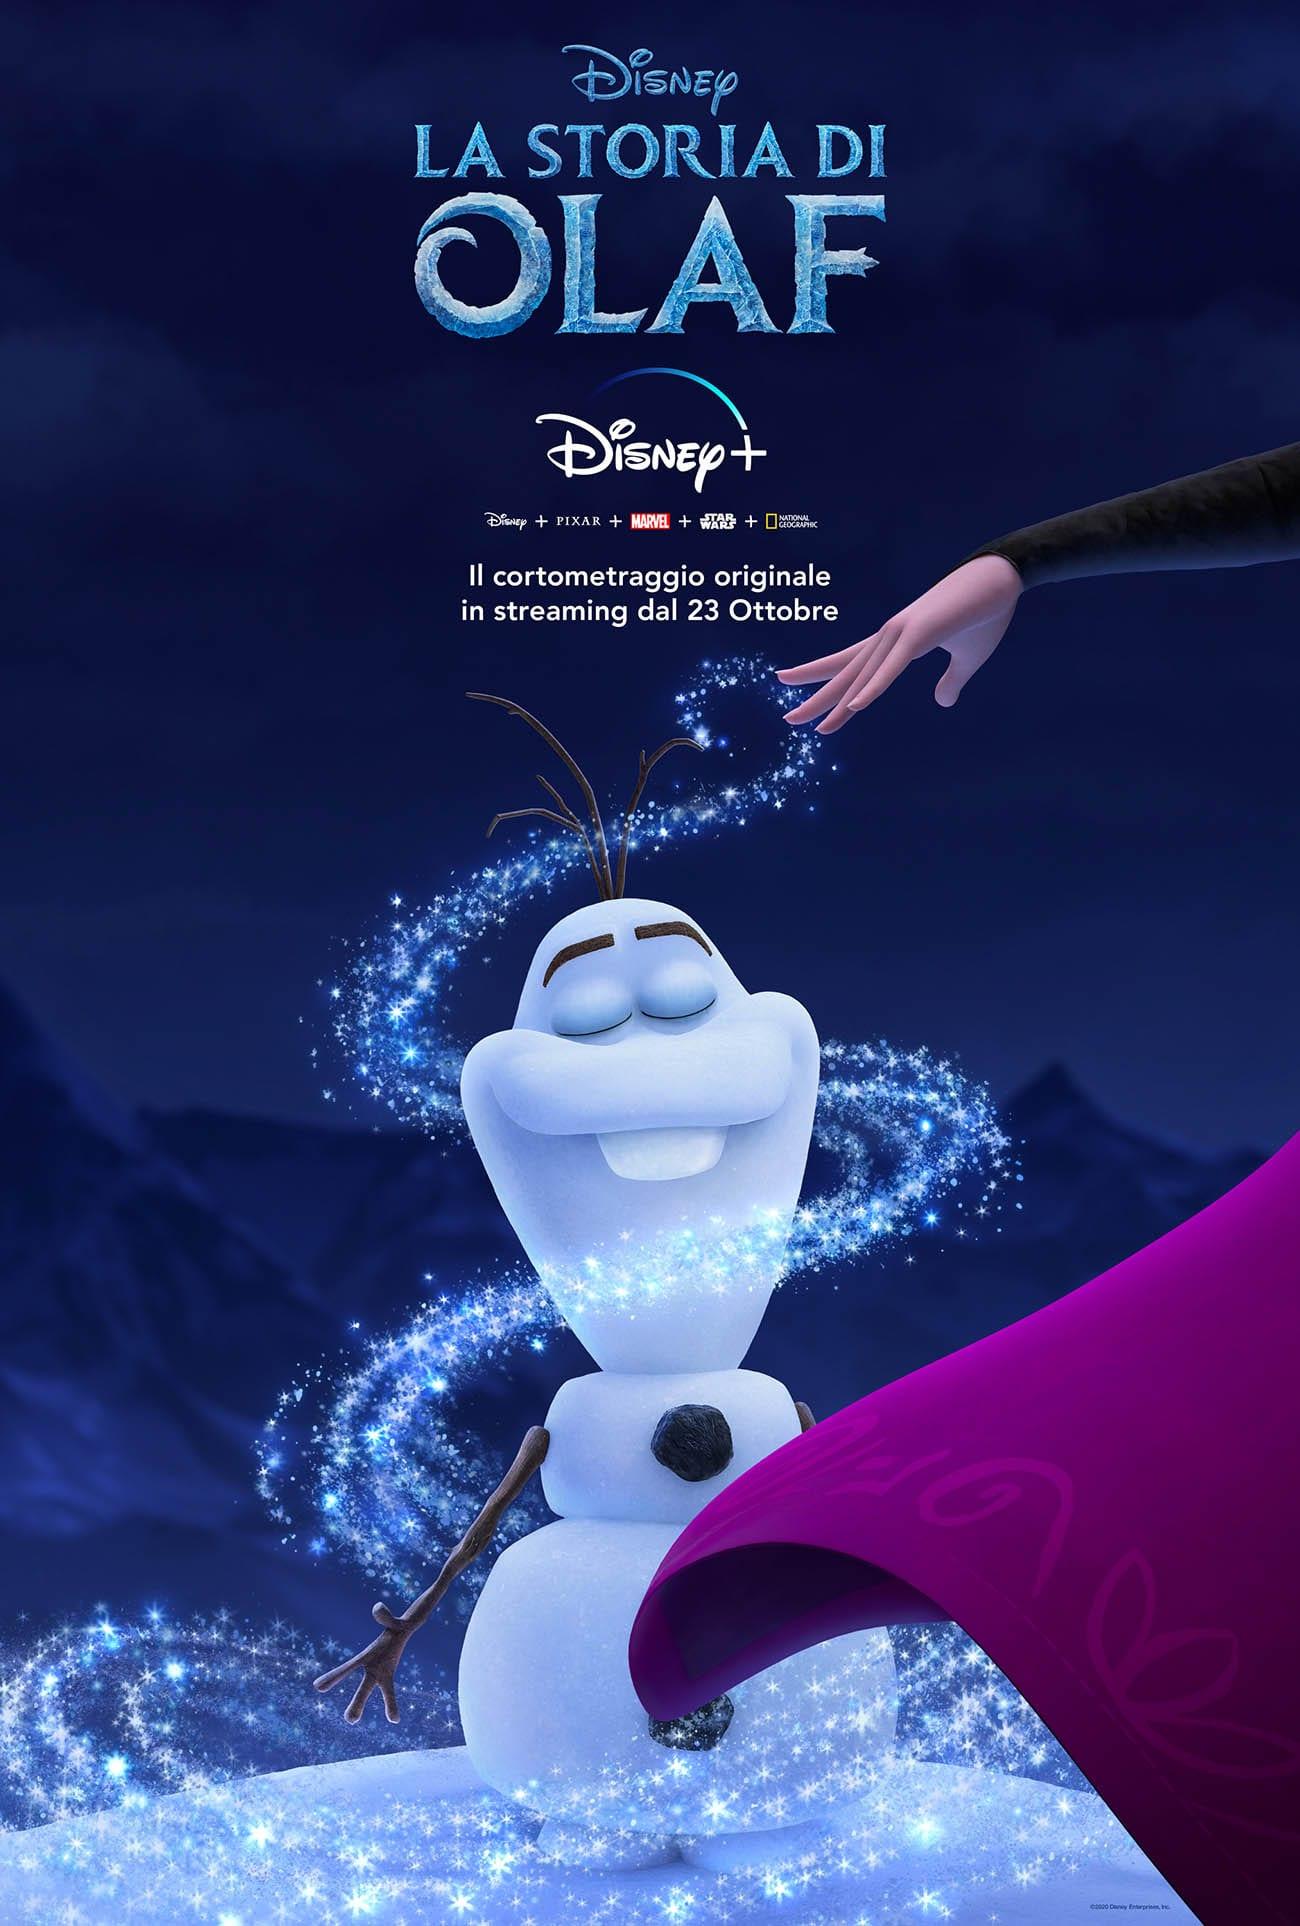 La Storia di Olaf: le sue origini nel nuovo corto Disney